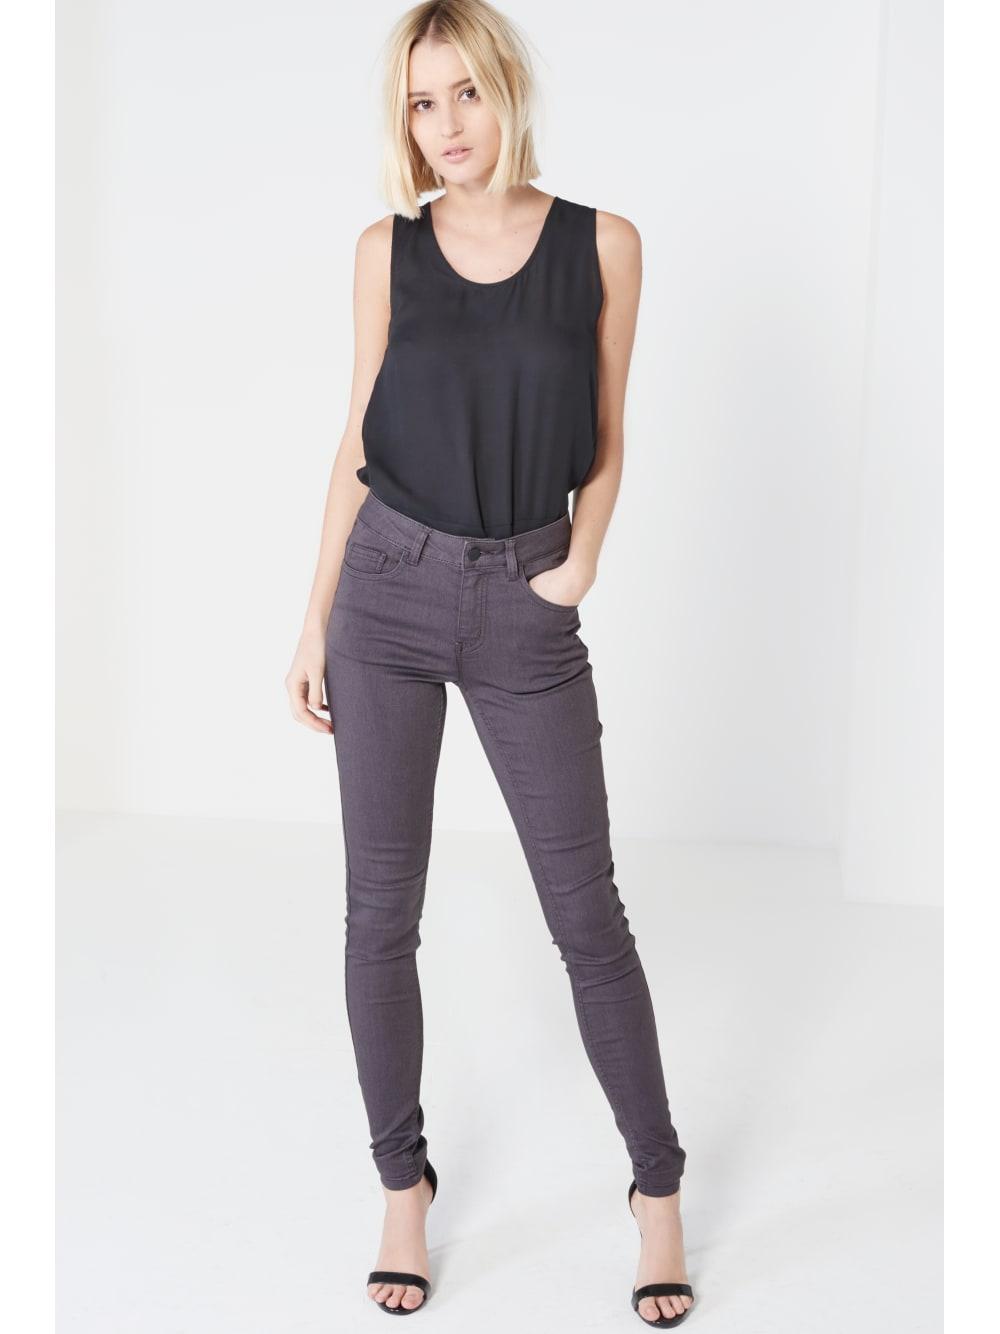 Grey High Waist Stretch Denim Skinny Jeans